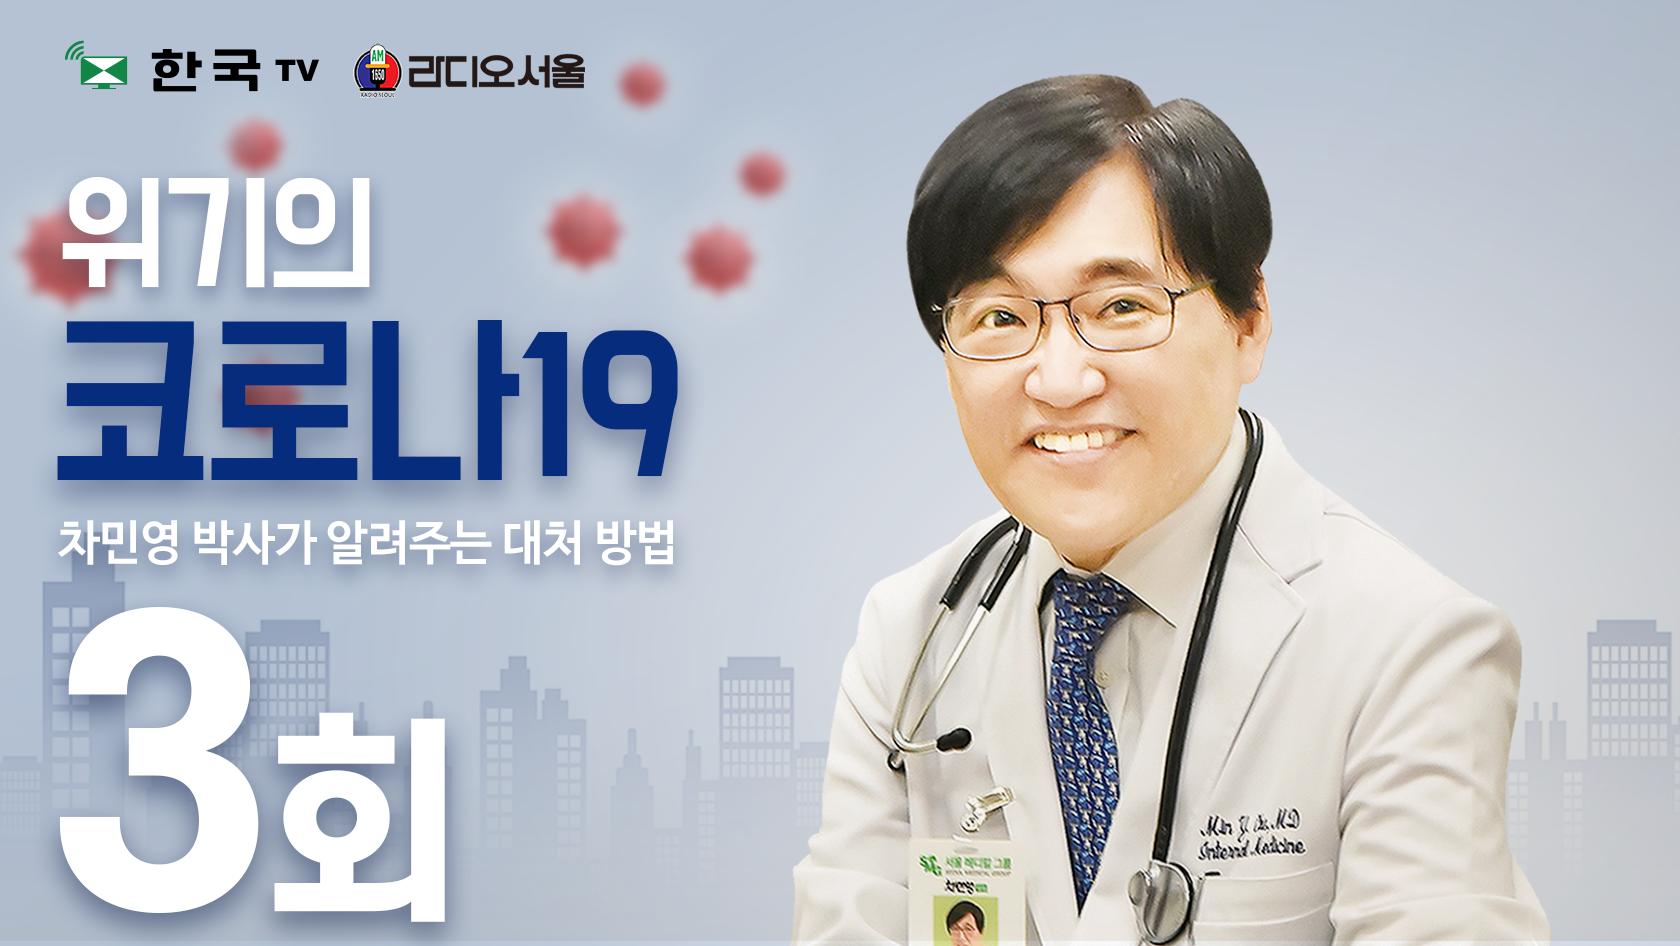 [차민영 박사] - 3회 위기의 코로나19 코로나 19 대처 방안(03.25.20)